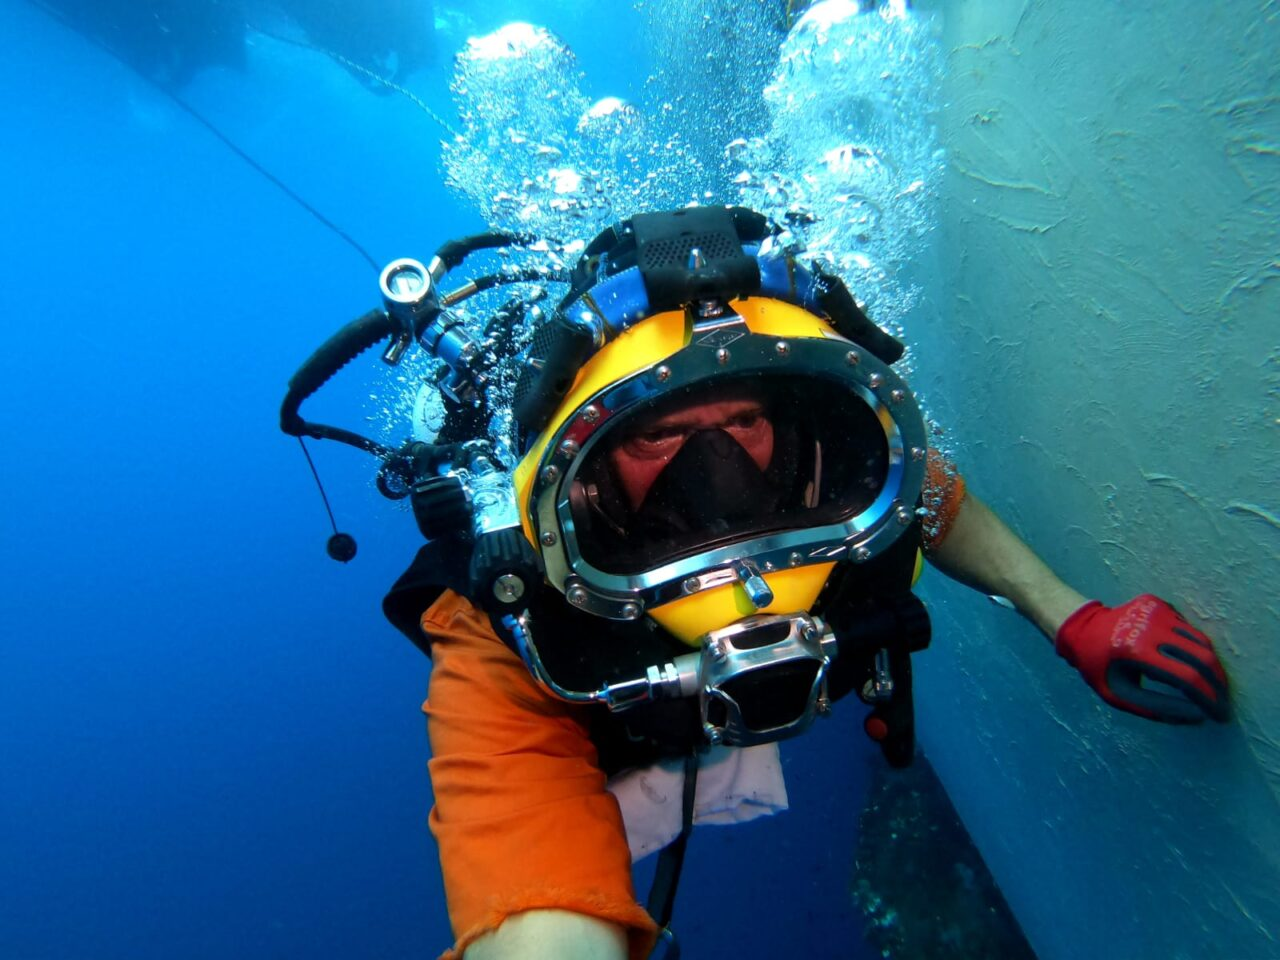 A Jones Marine diver applying Belzona 5831 to a vessel